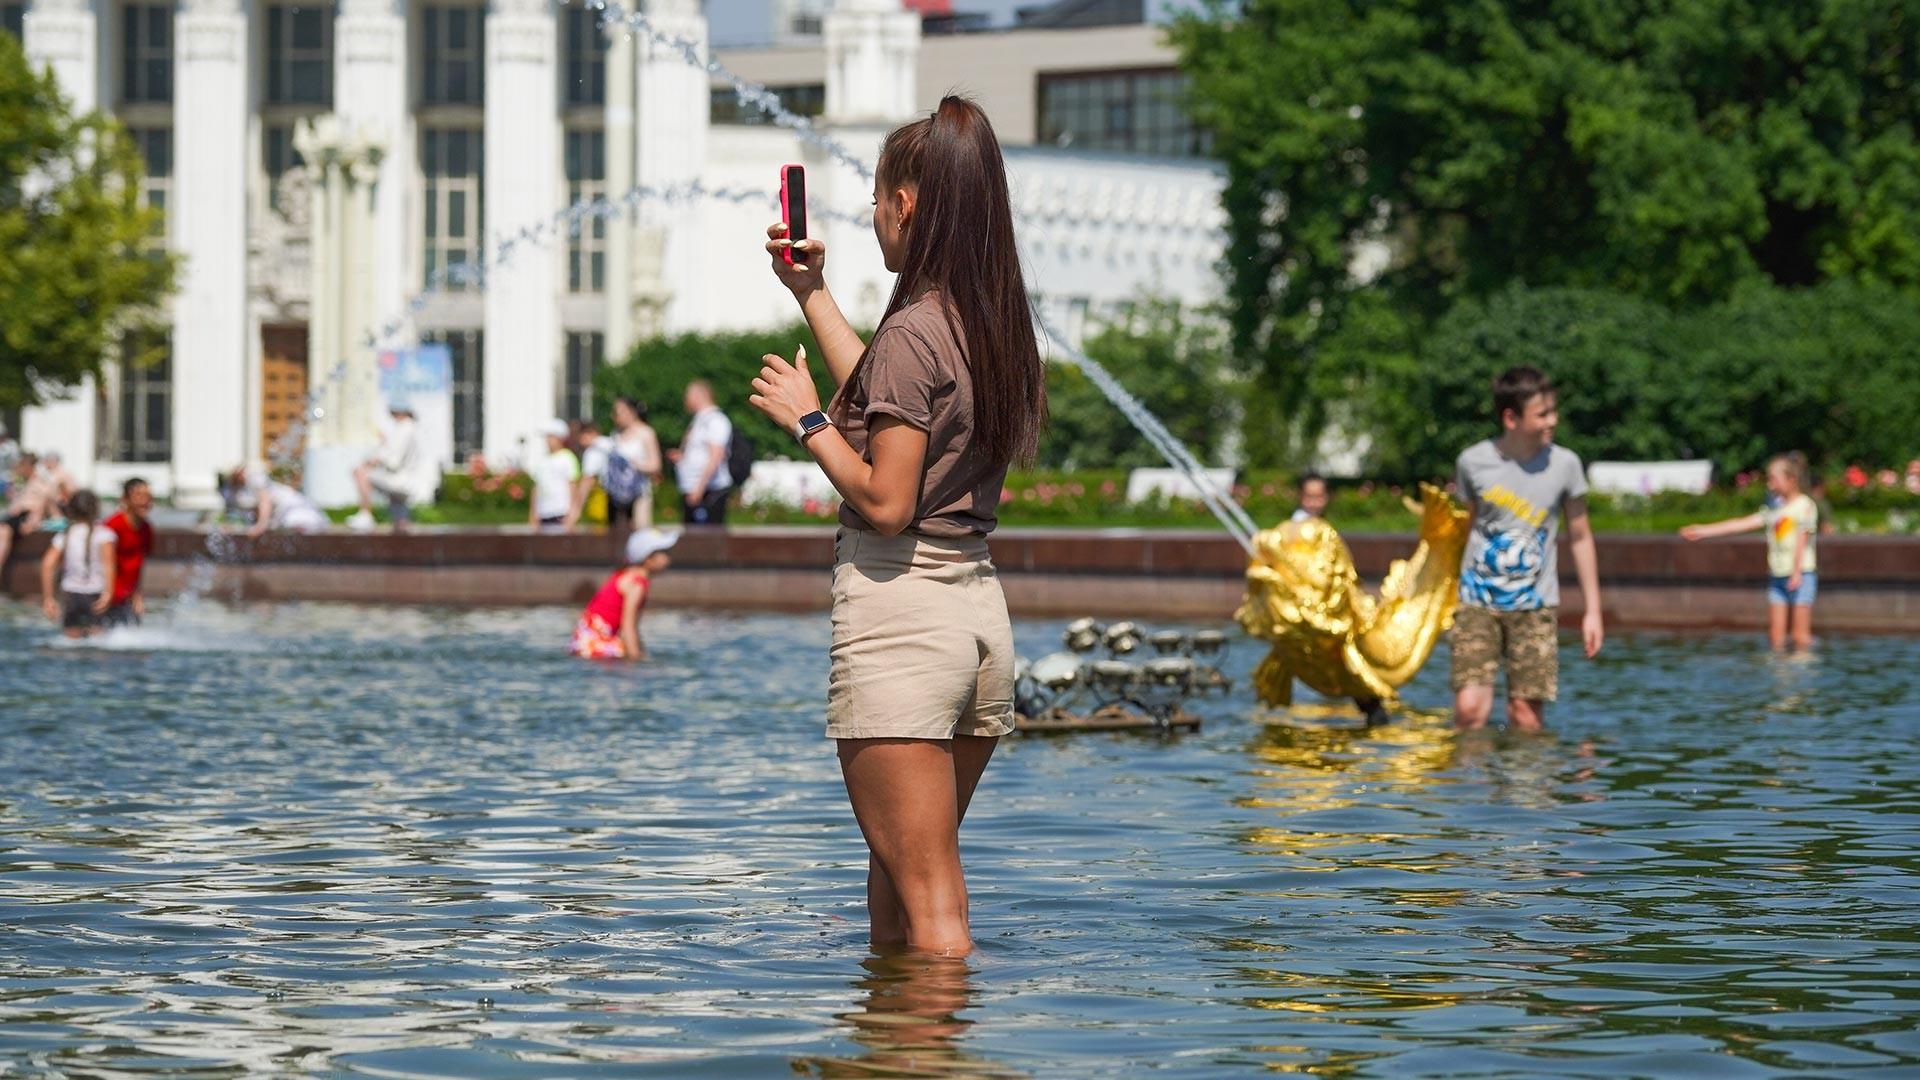 Московският парк ВДНХ, 22 юни 2021 г.